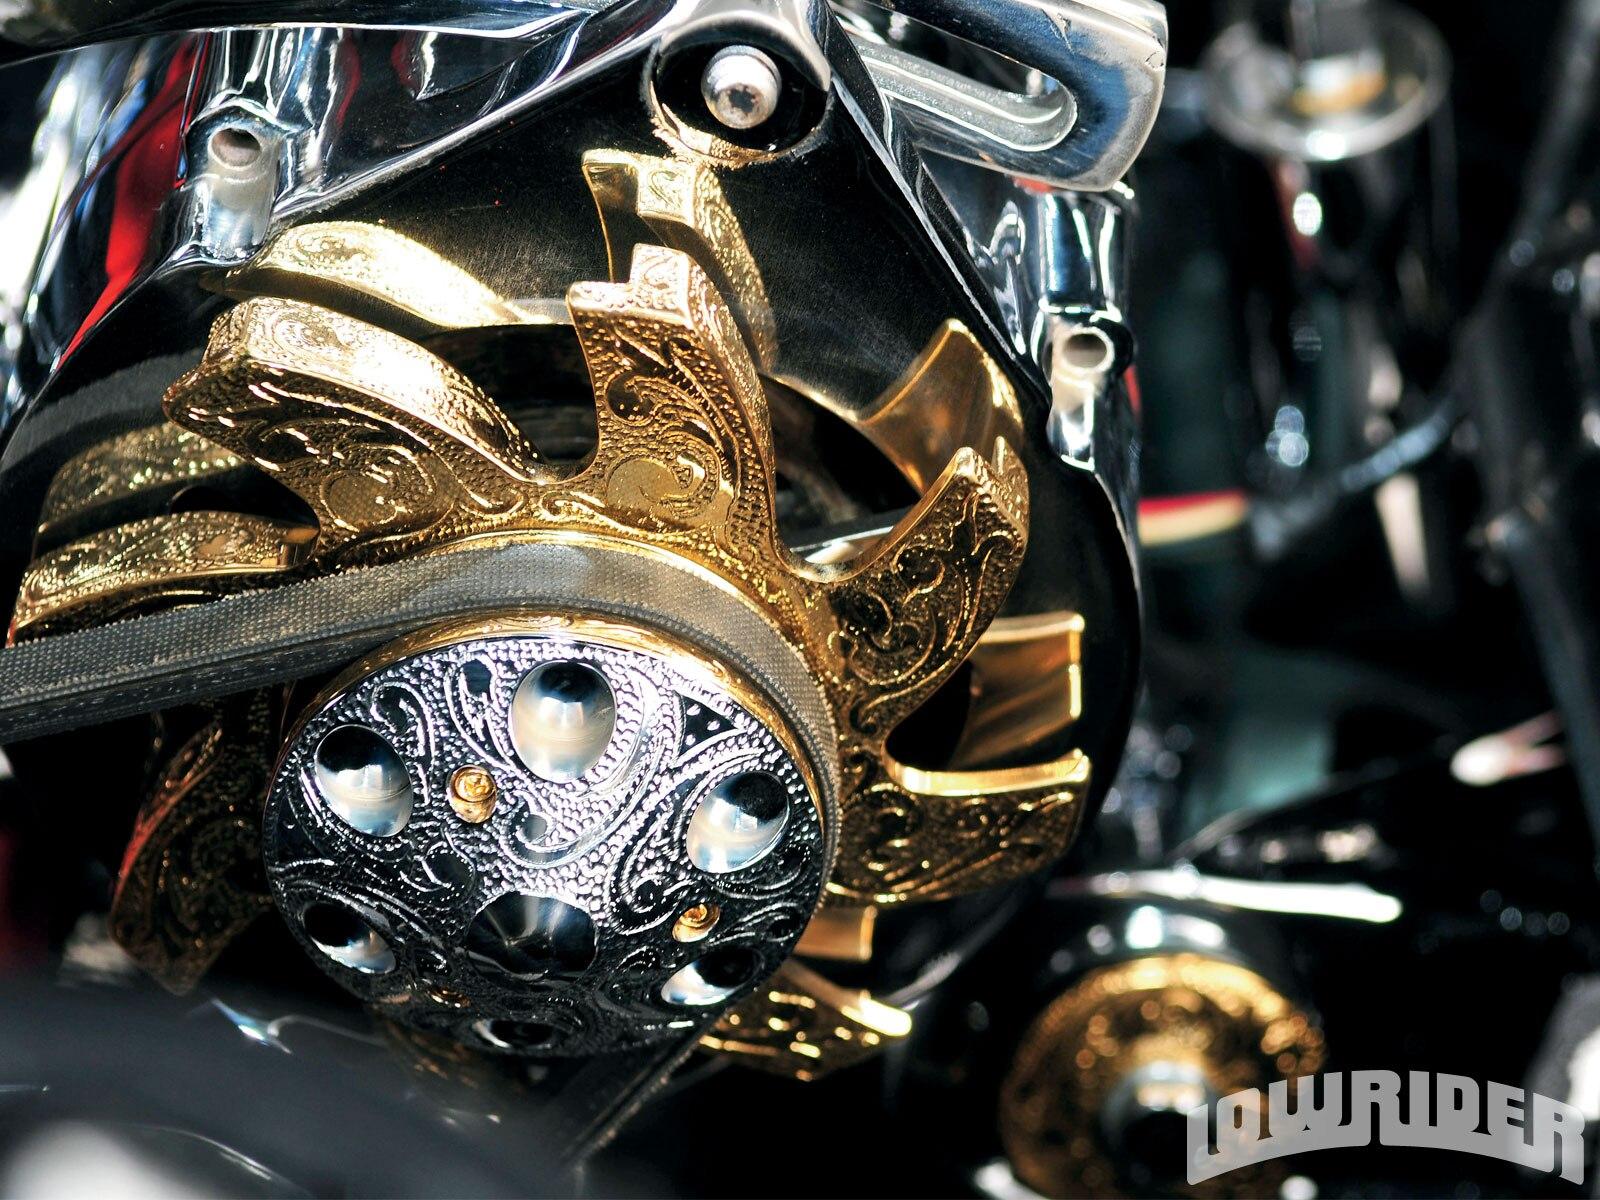 1103_lrmp_02_o-david_renteria_master_engraver-engraved_engine3